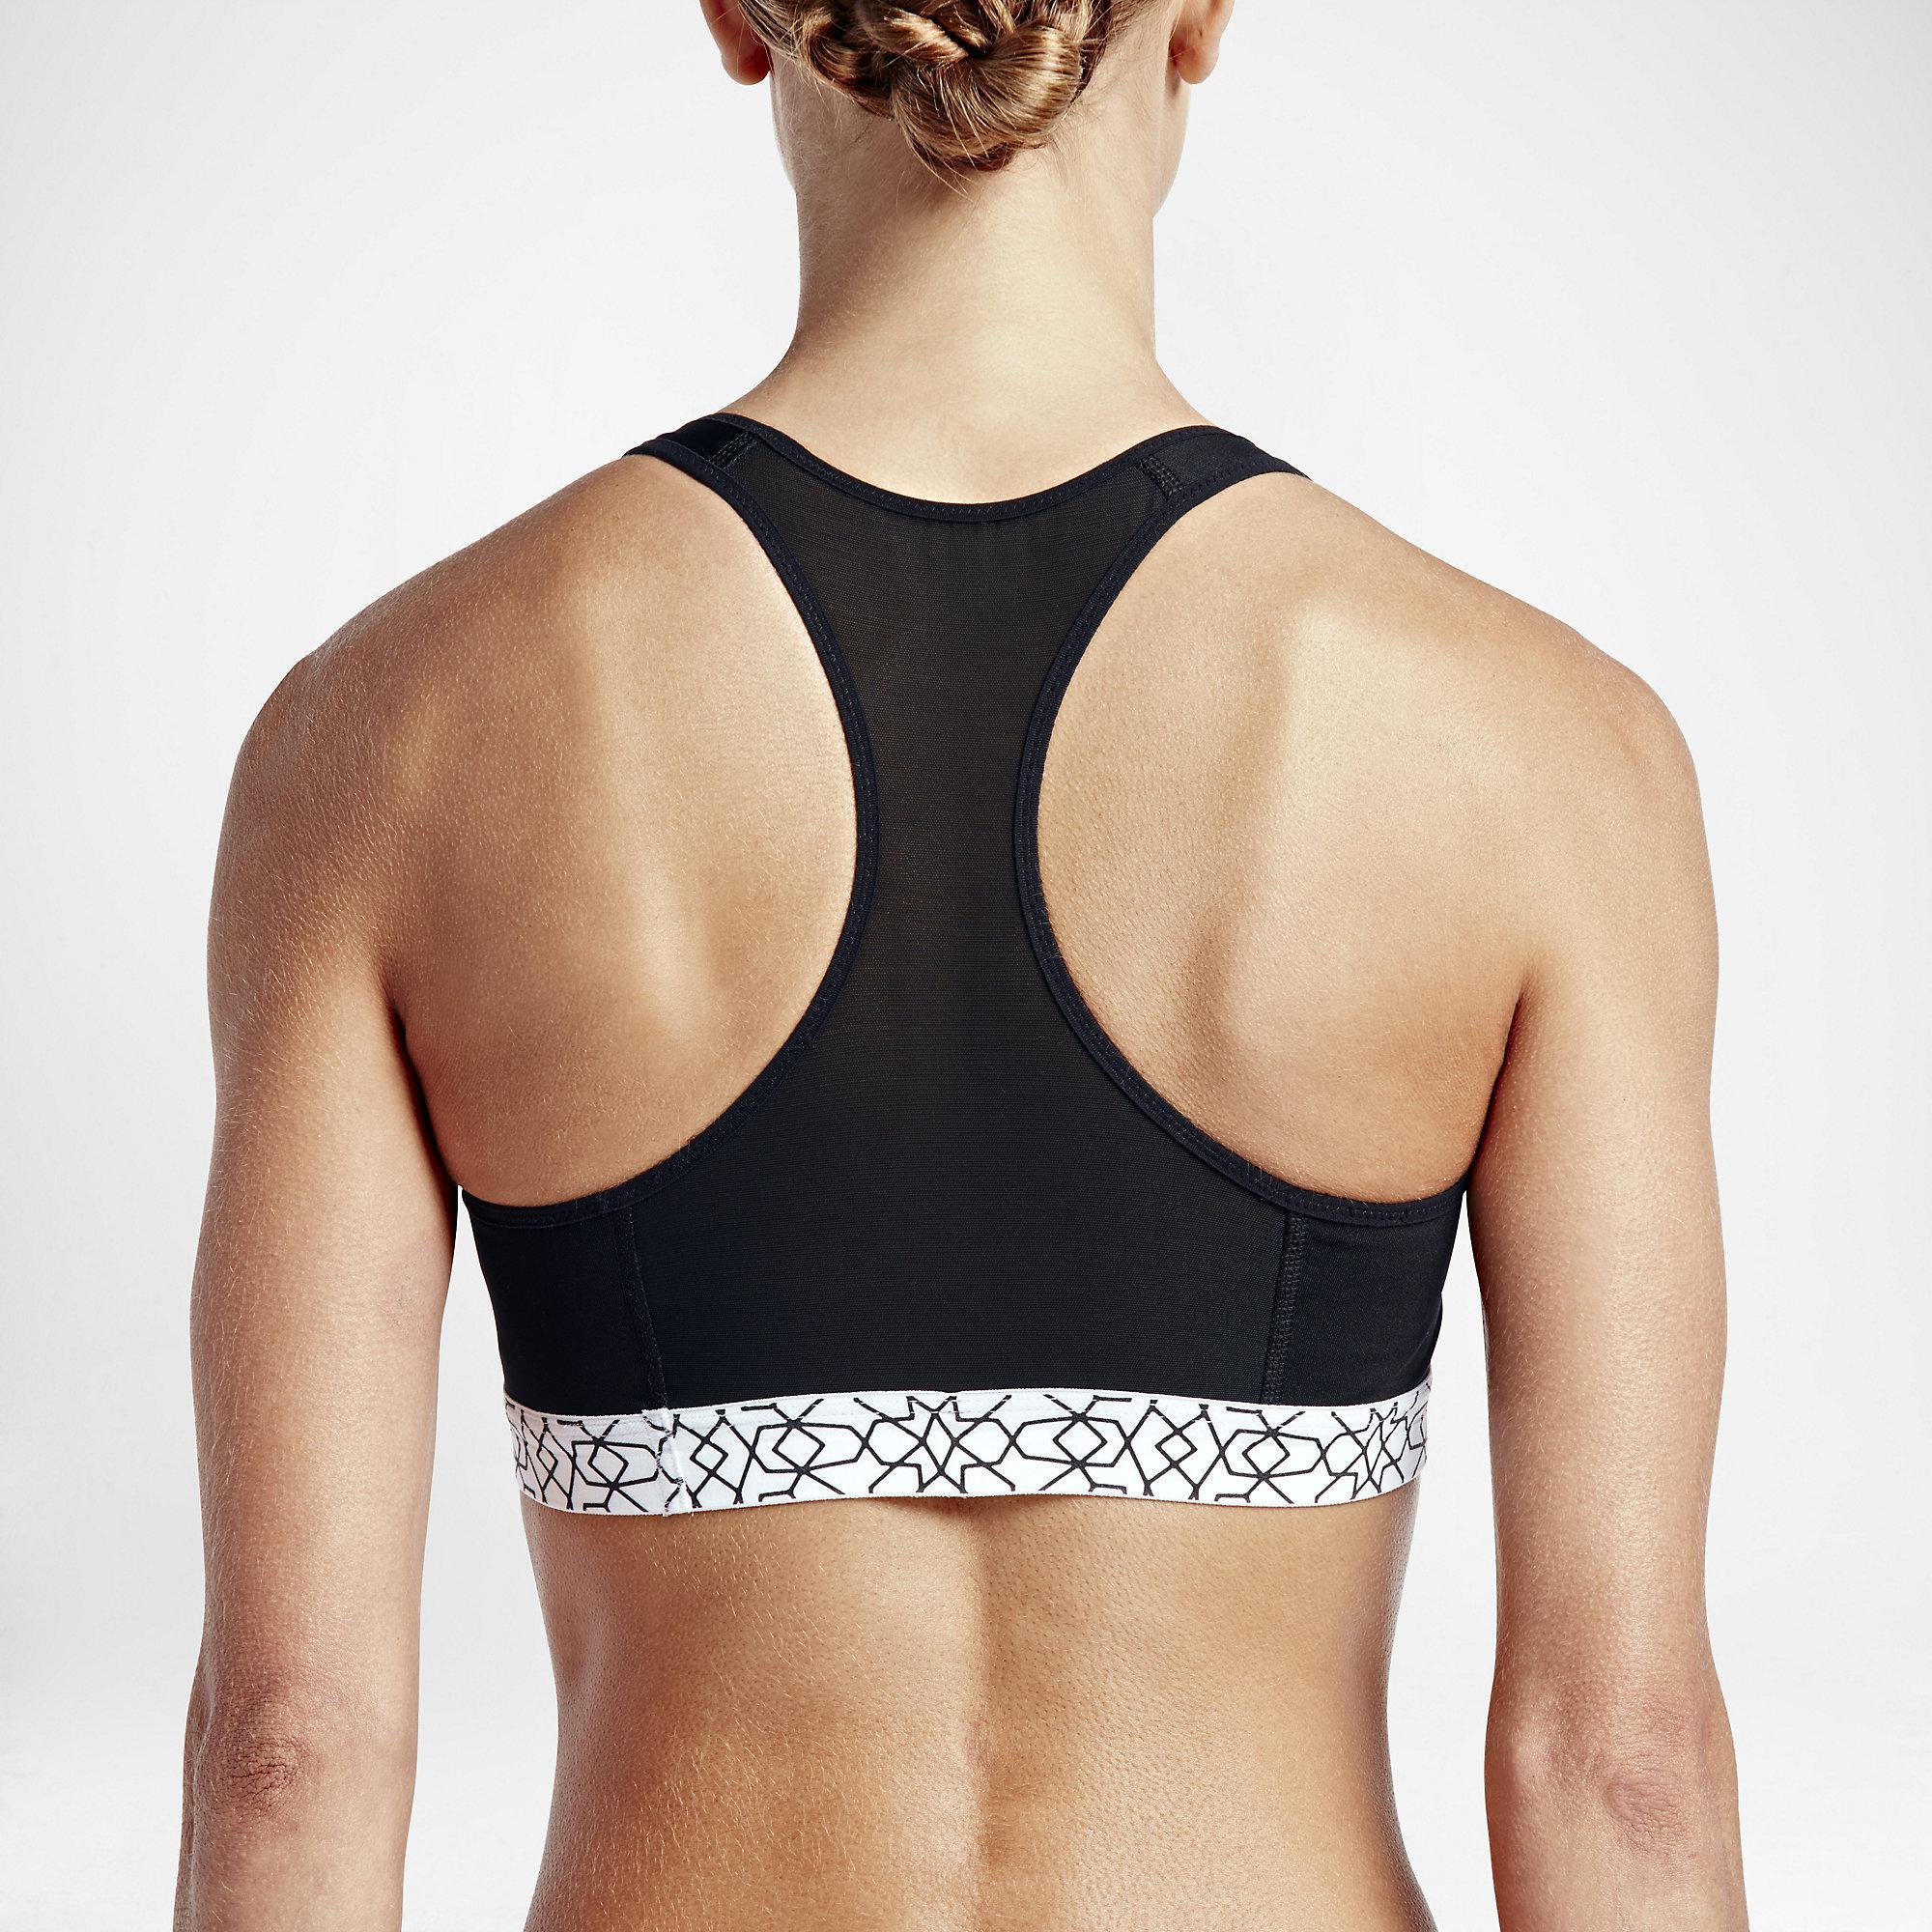 337774d6b02ac Nike Pro Fierce Starglass Print Bra - Black - Tennisnuts.com